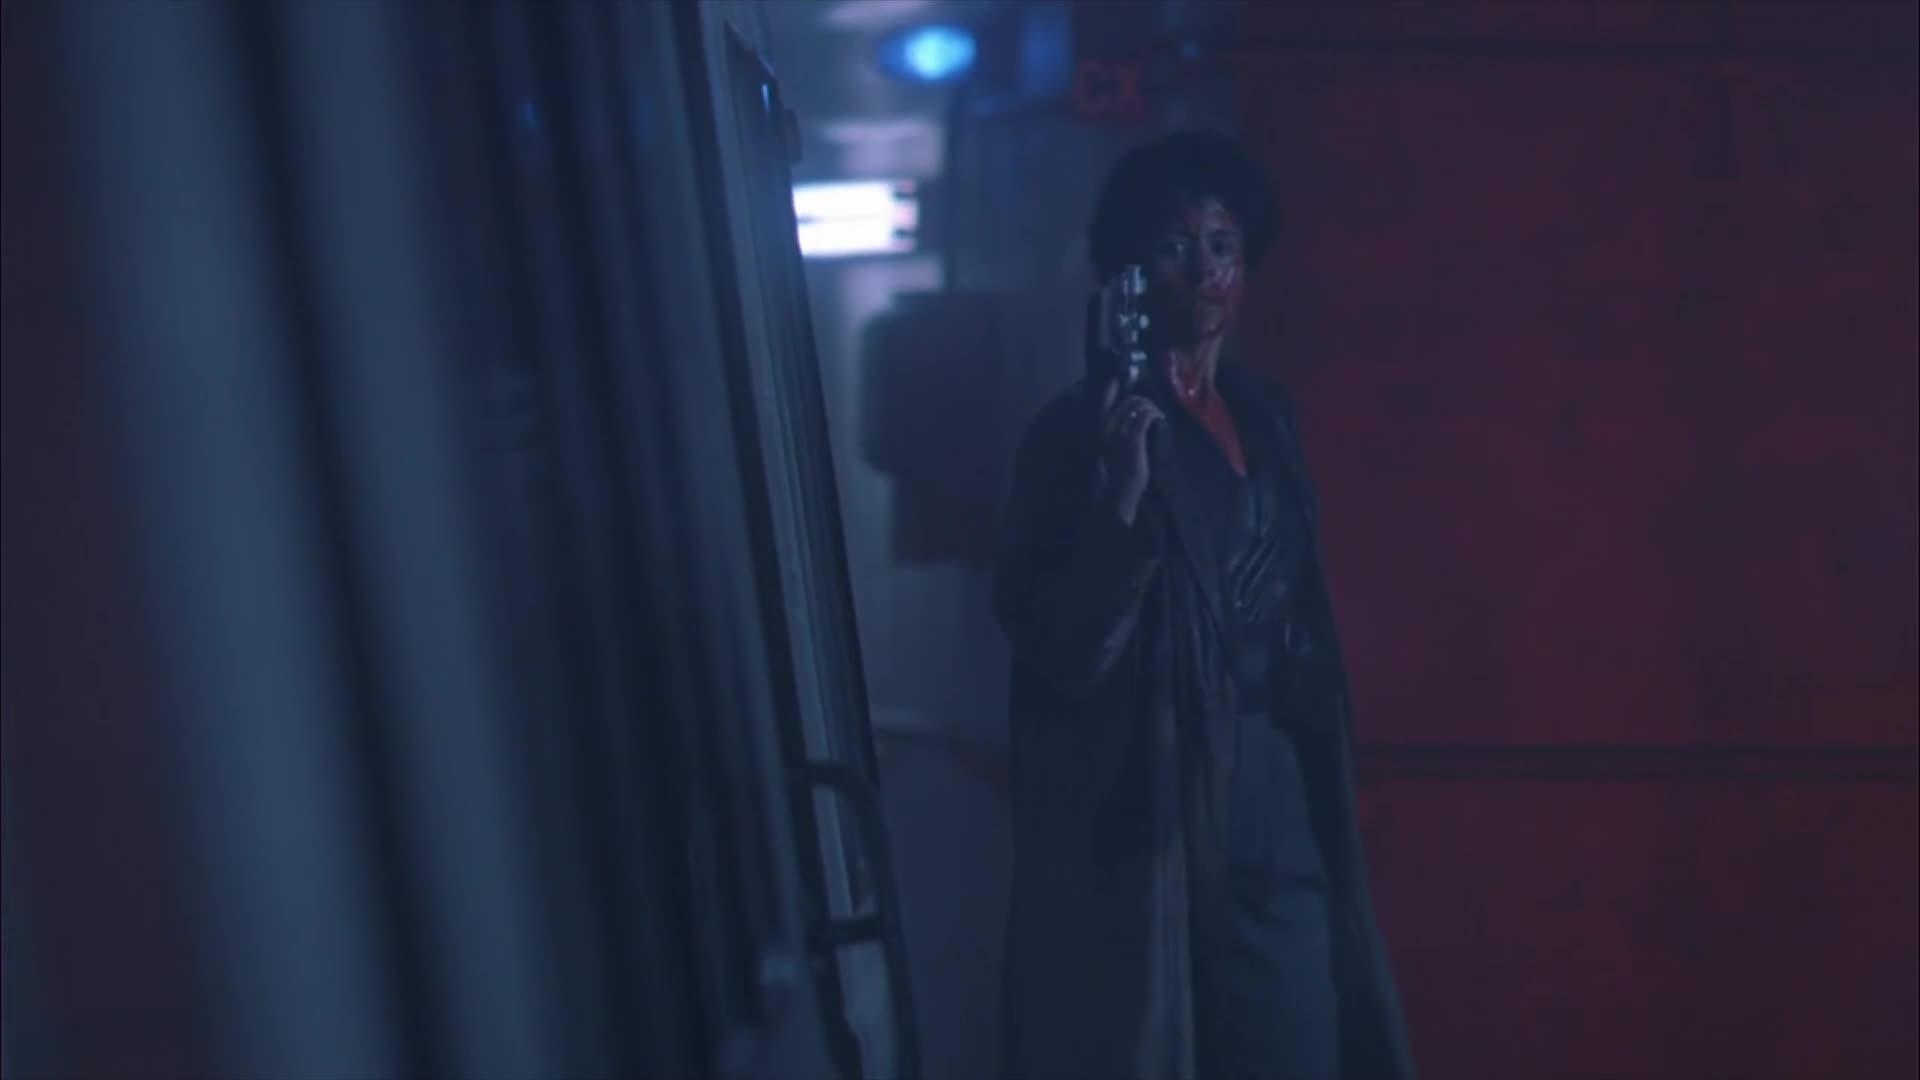 琳娜拿着一把枪,每次到晚上都非常的害怕,吉瑞你还活着吗?